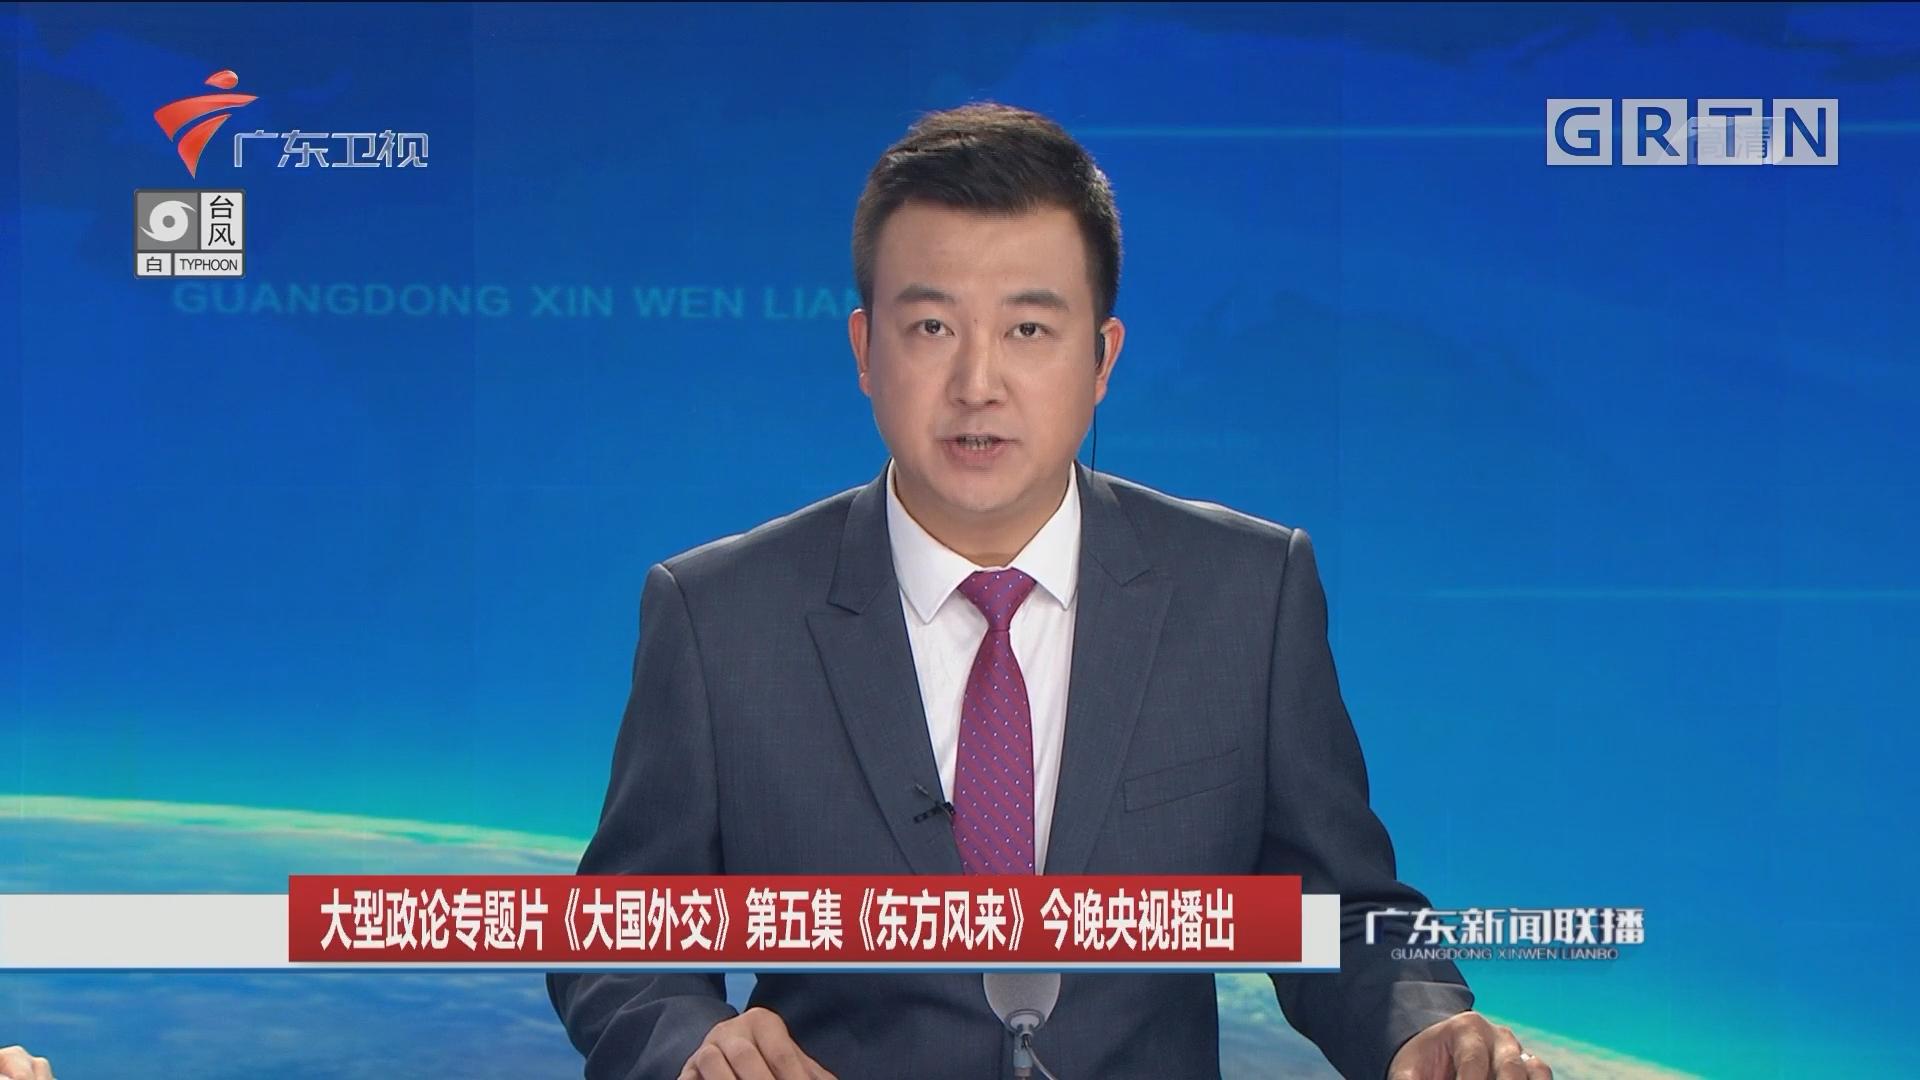 大型政论专题片《大国外交》第五集《东方风来》今晚央视播出